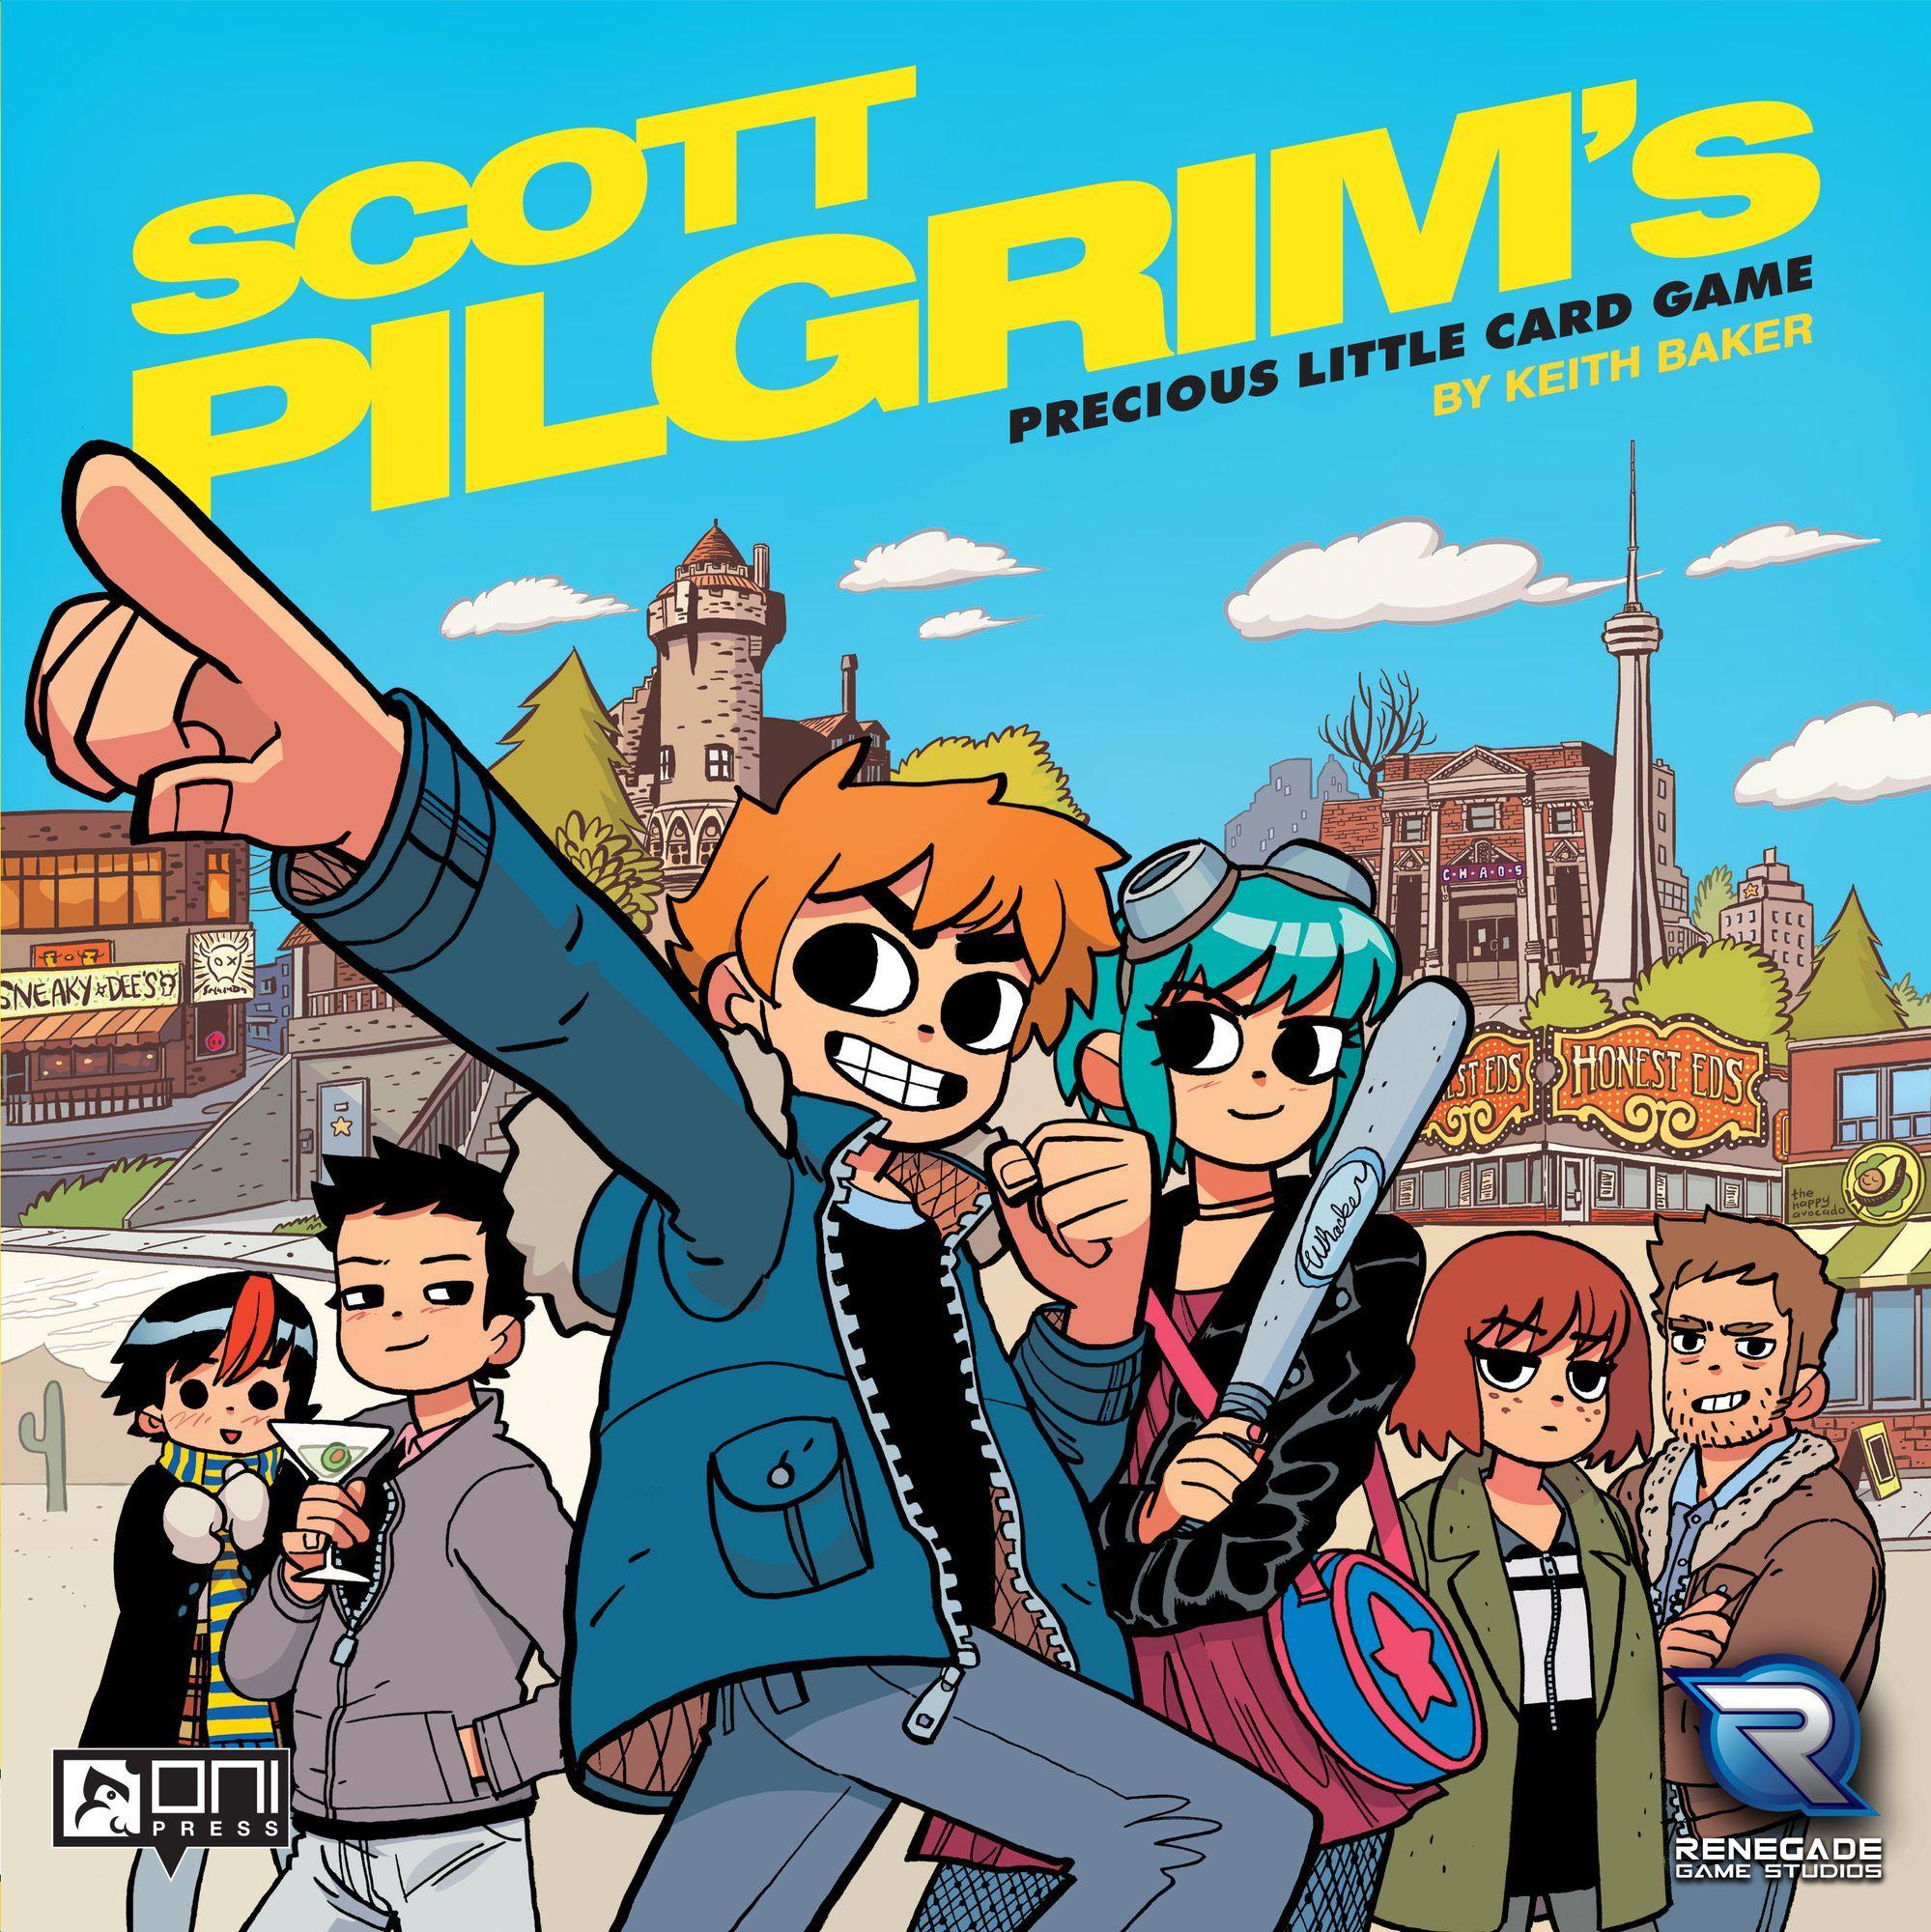 Scott Pilgrim's Precious Little Card Game